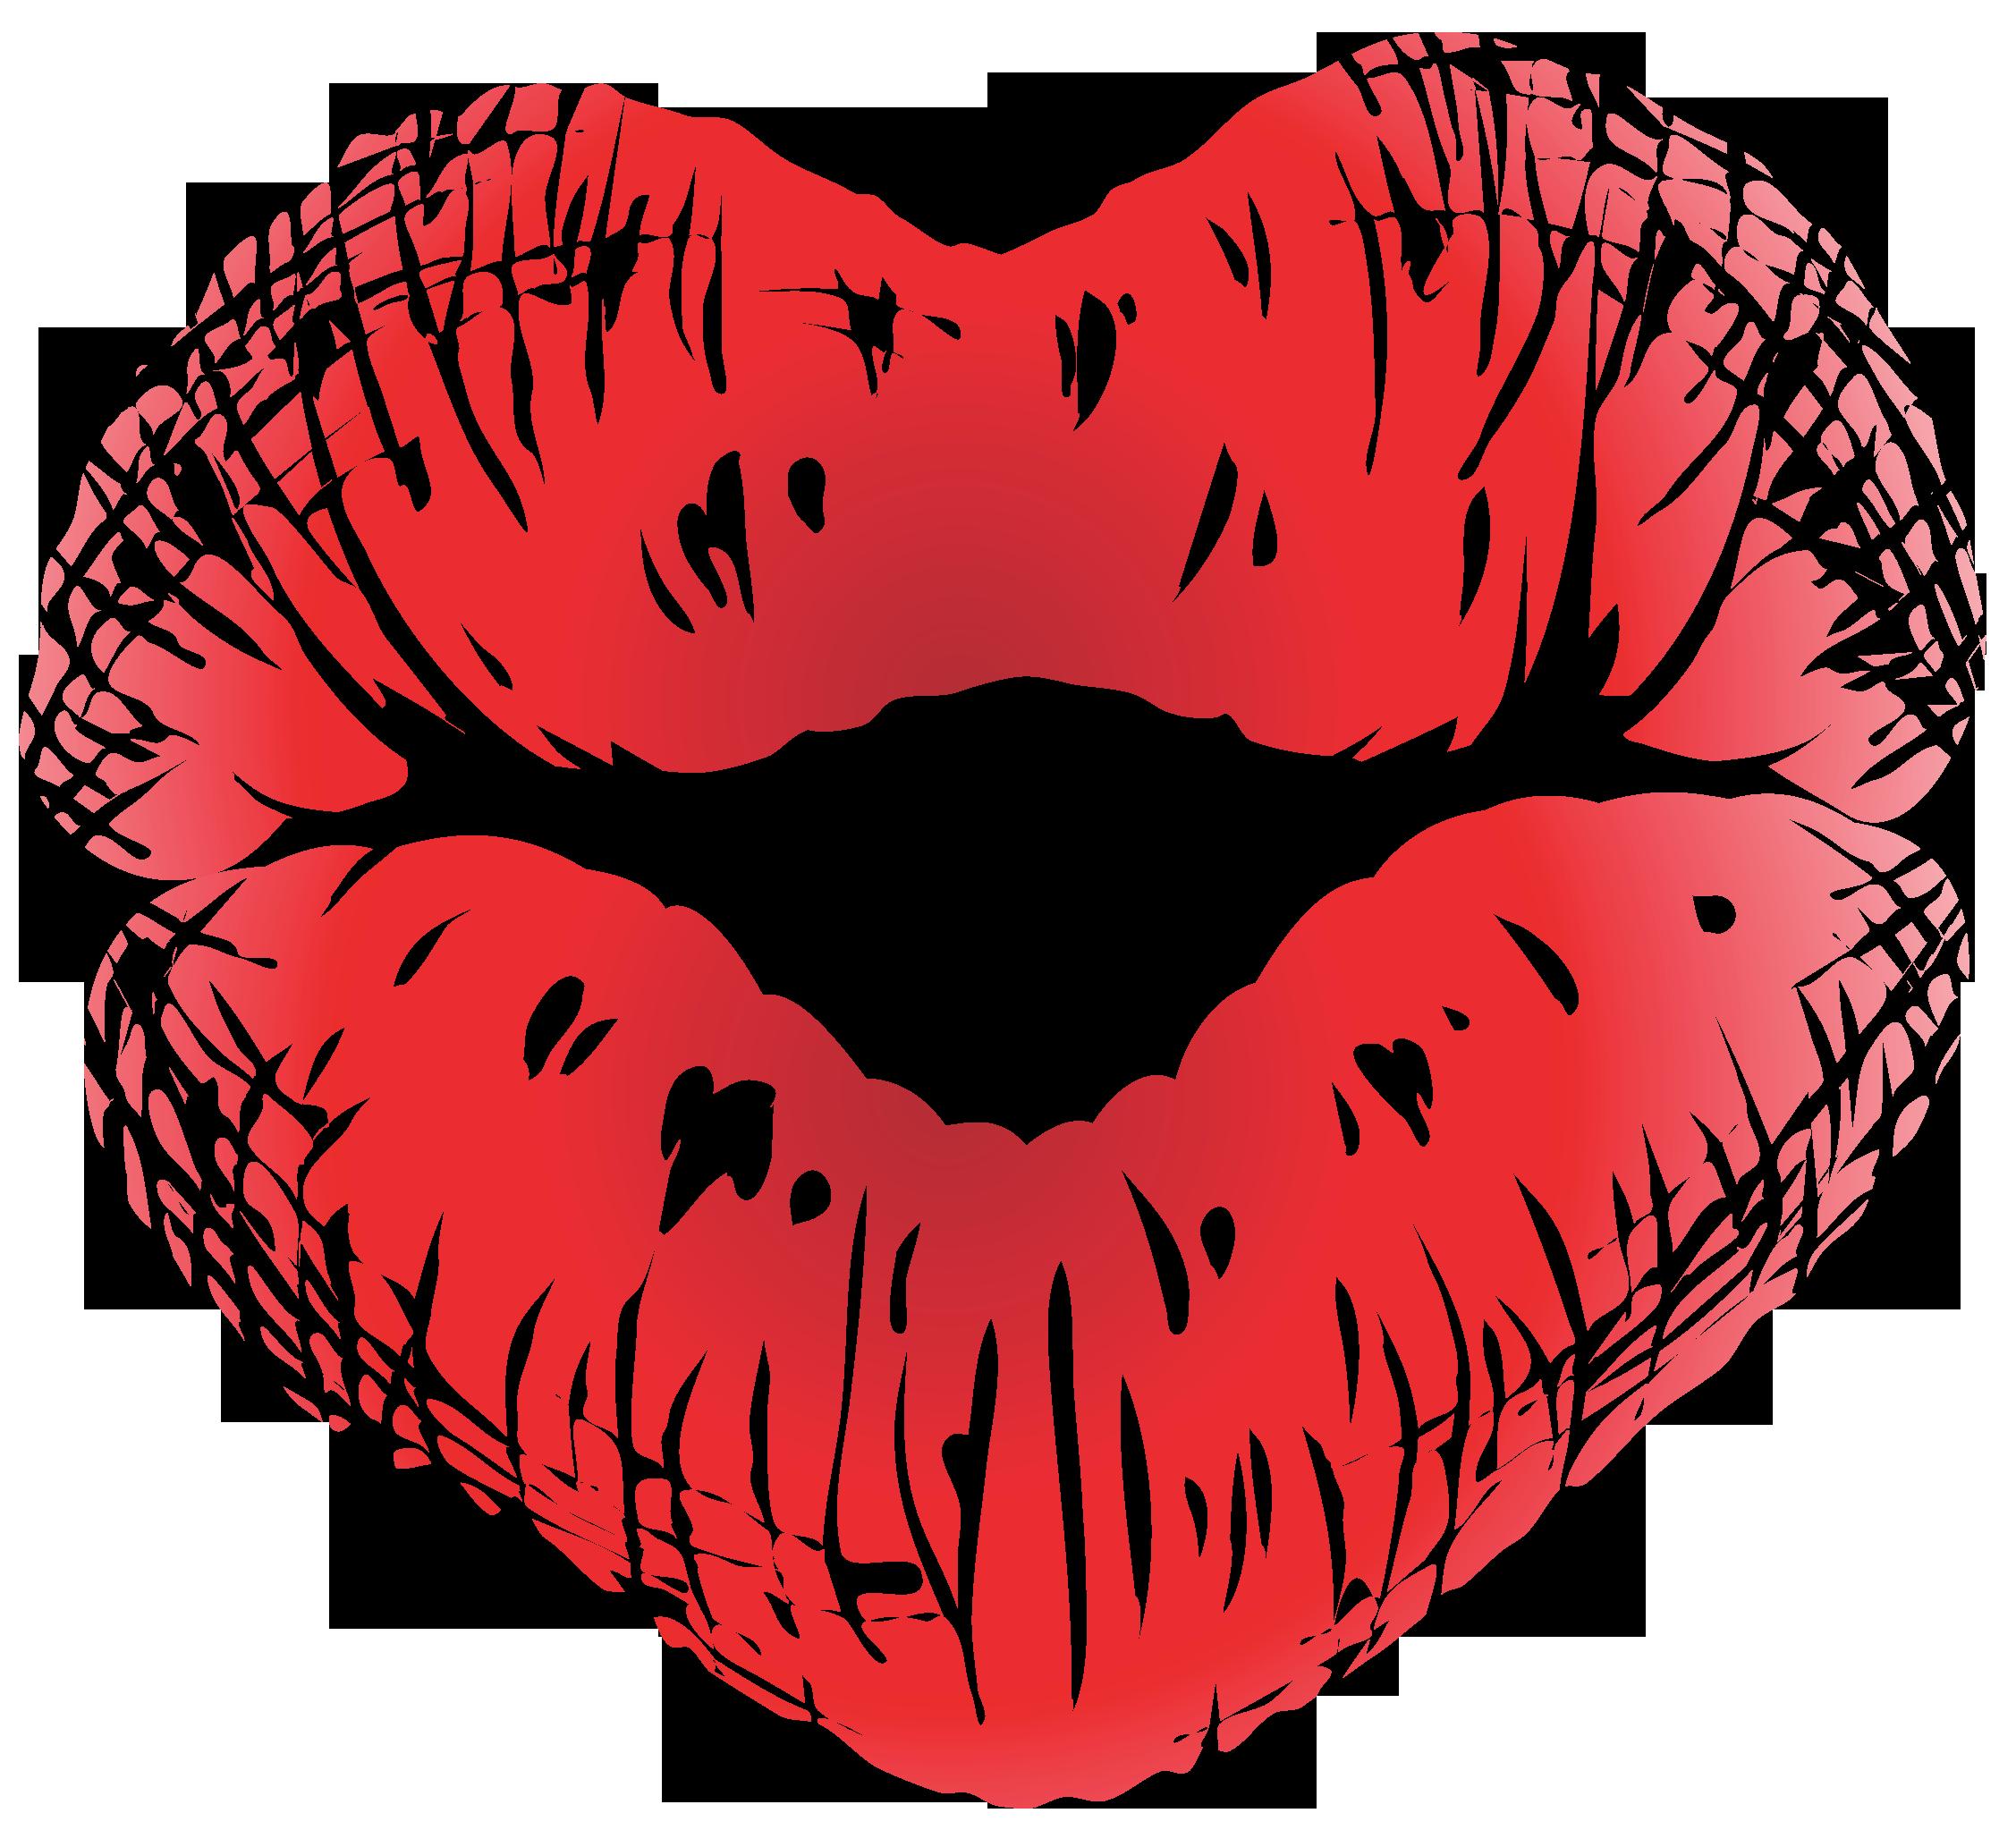 transparent stock Kisses cilpart marvelous design. Lip clipart valentines.